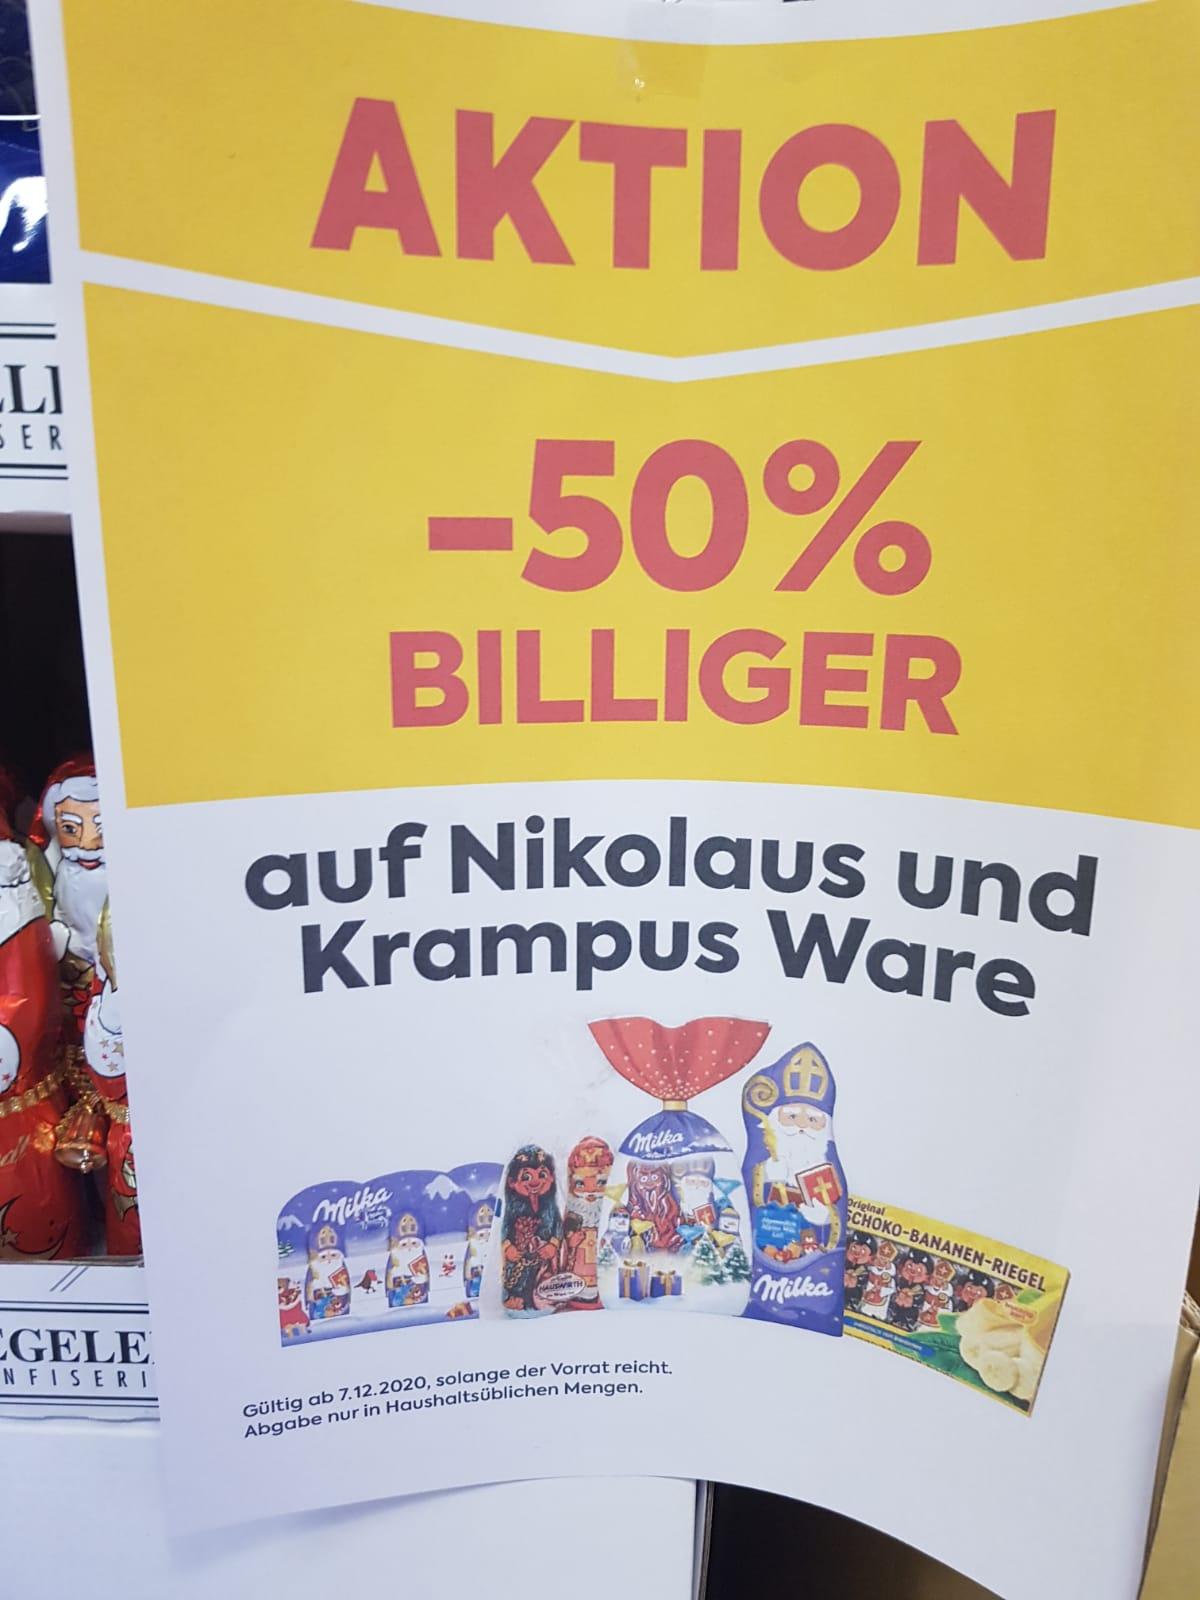 50% auf Nikolas und Krampus Ware im Billa (Österreichweit)